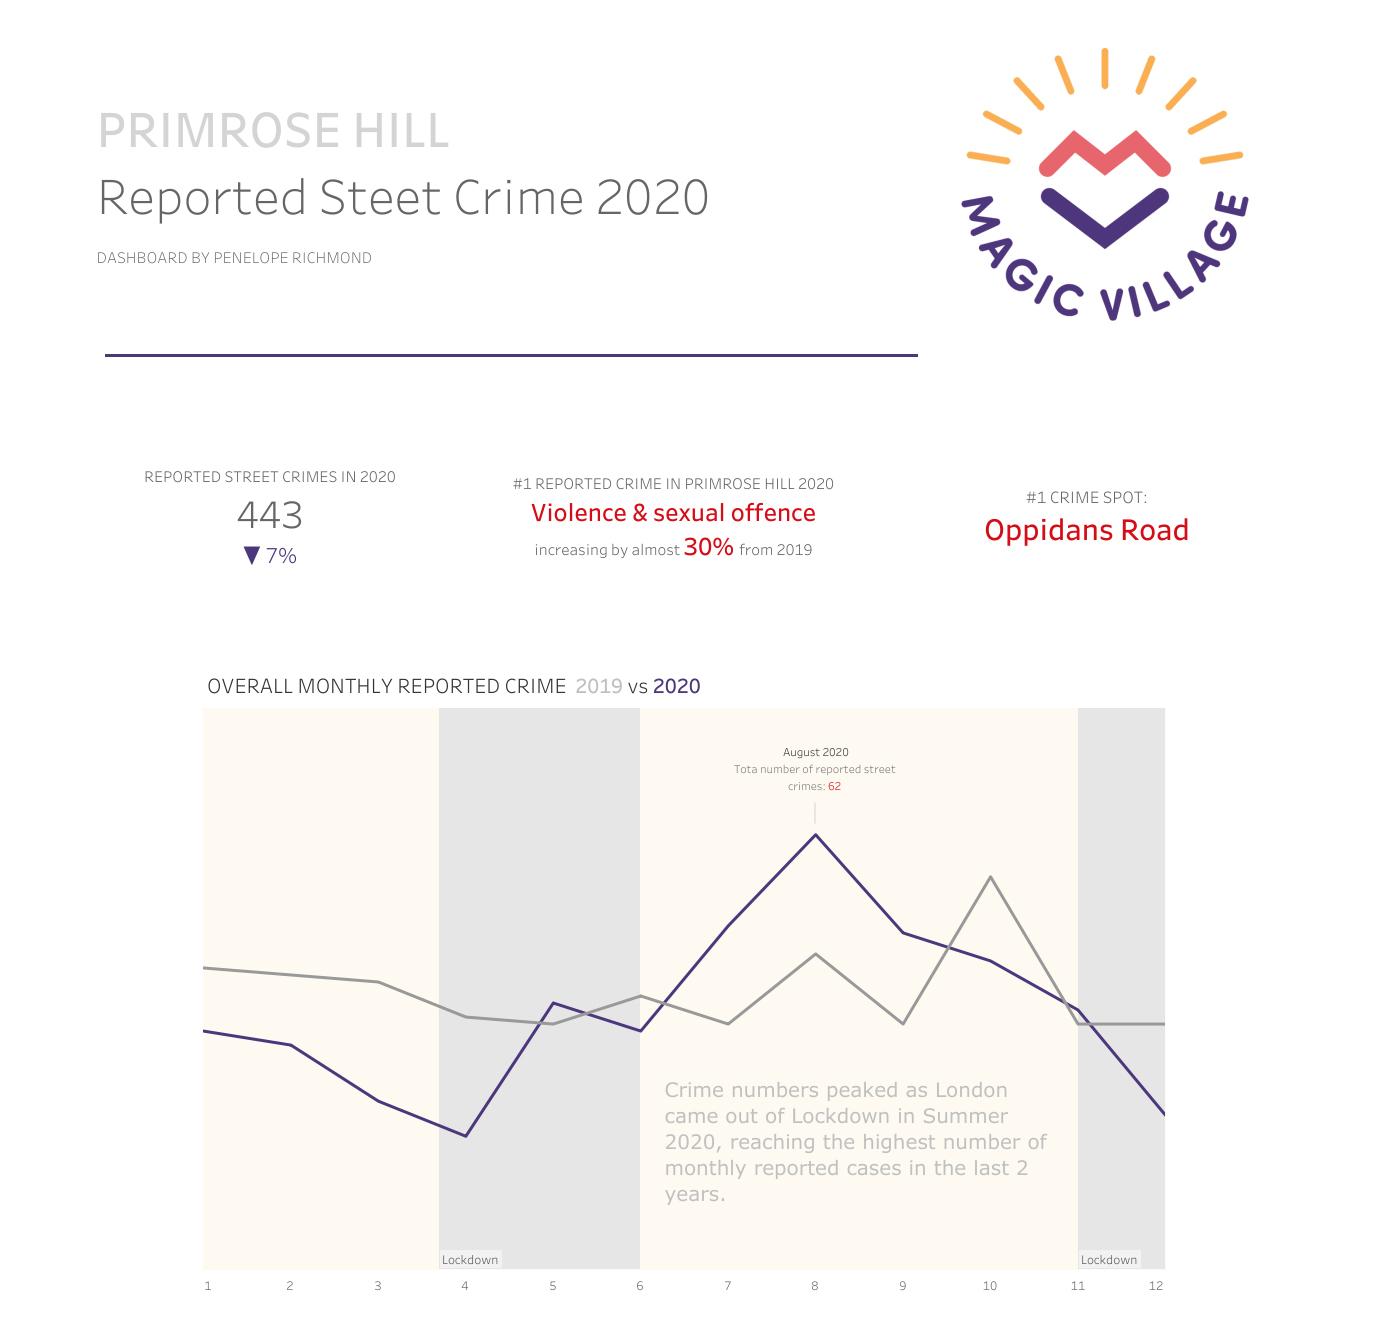 Primrose Hill Crime Data